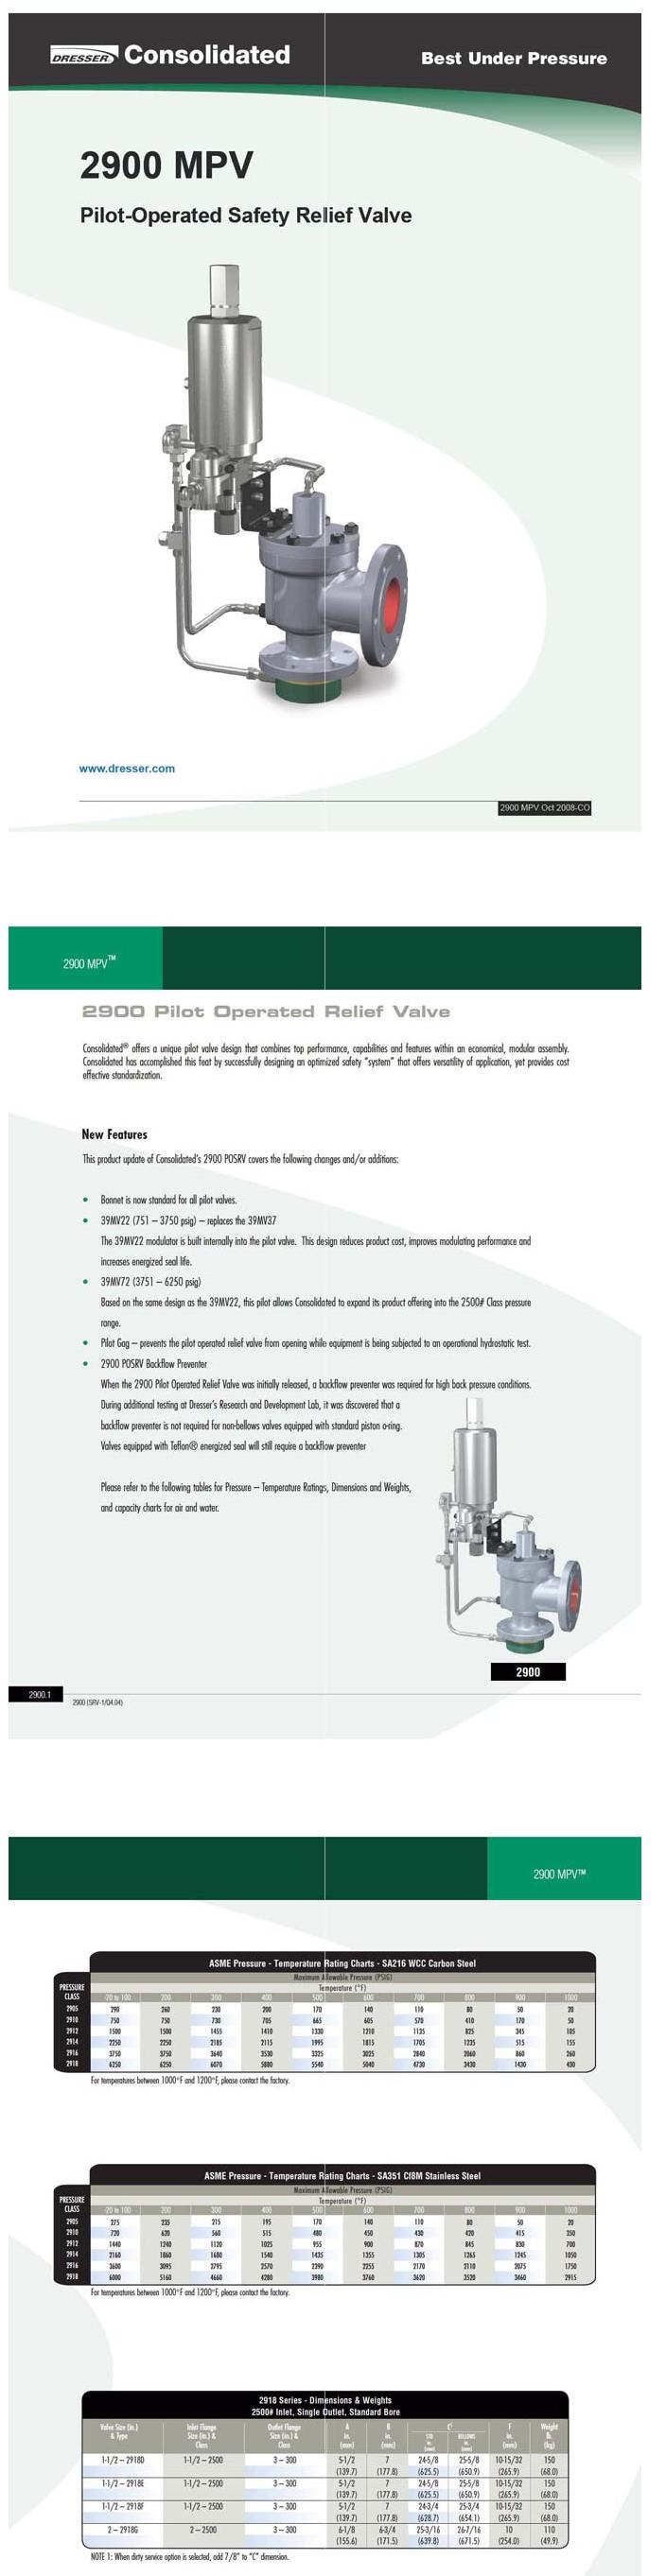 세준산업 2900 MPV Modular Pilot-Operated [Safety Relief Valve]